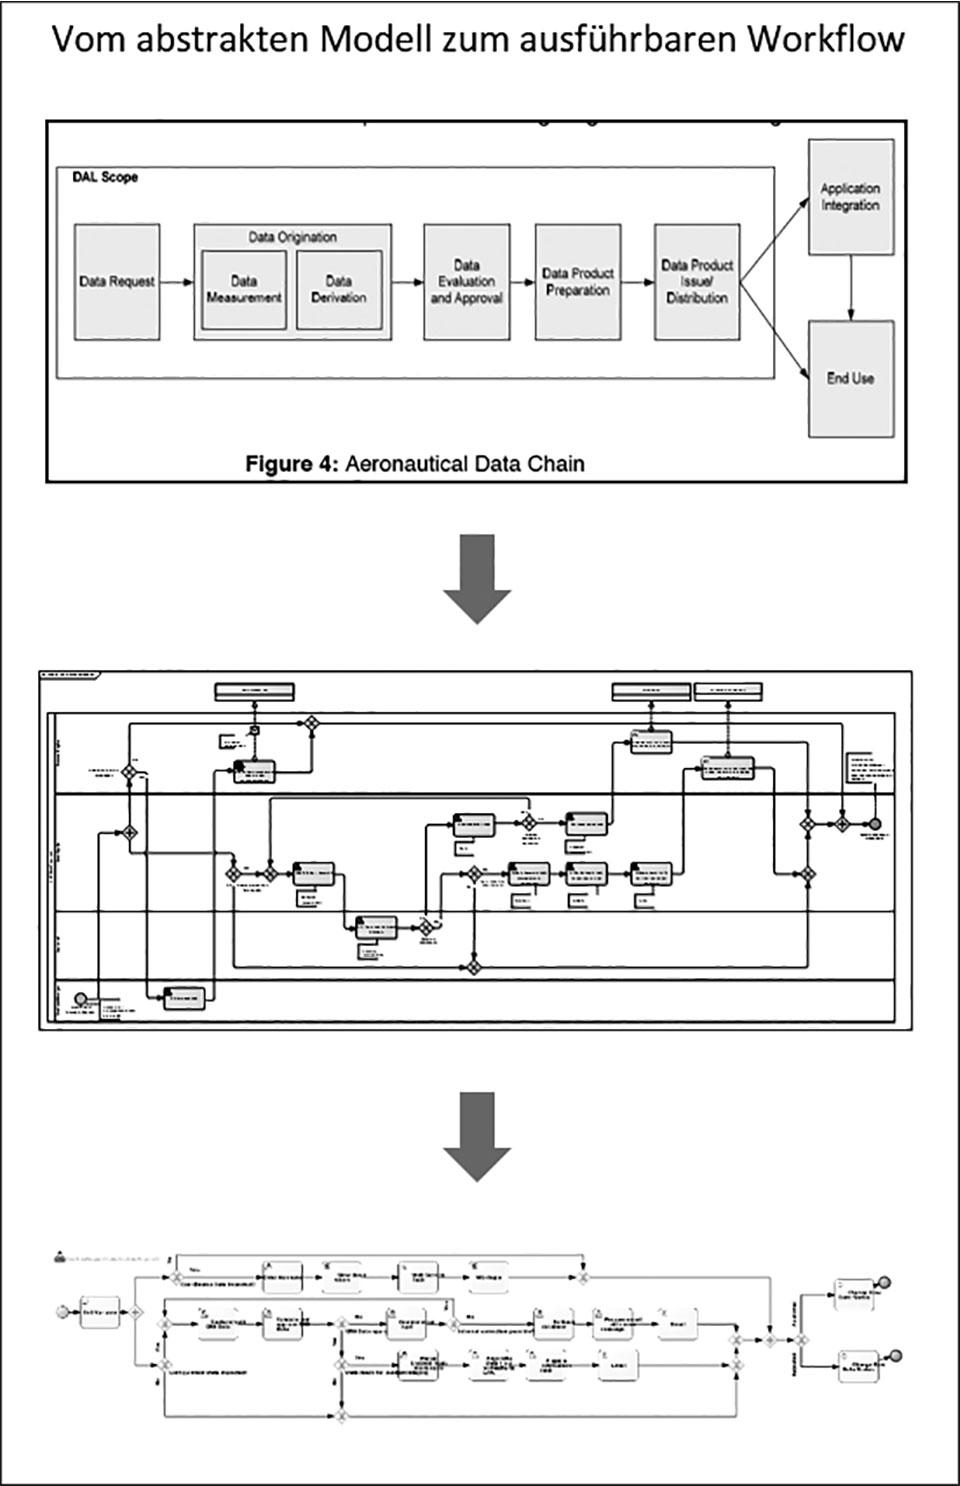 Vom abstrakten Modell zum ausführbaren Workflow